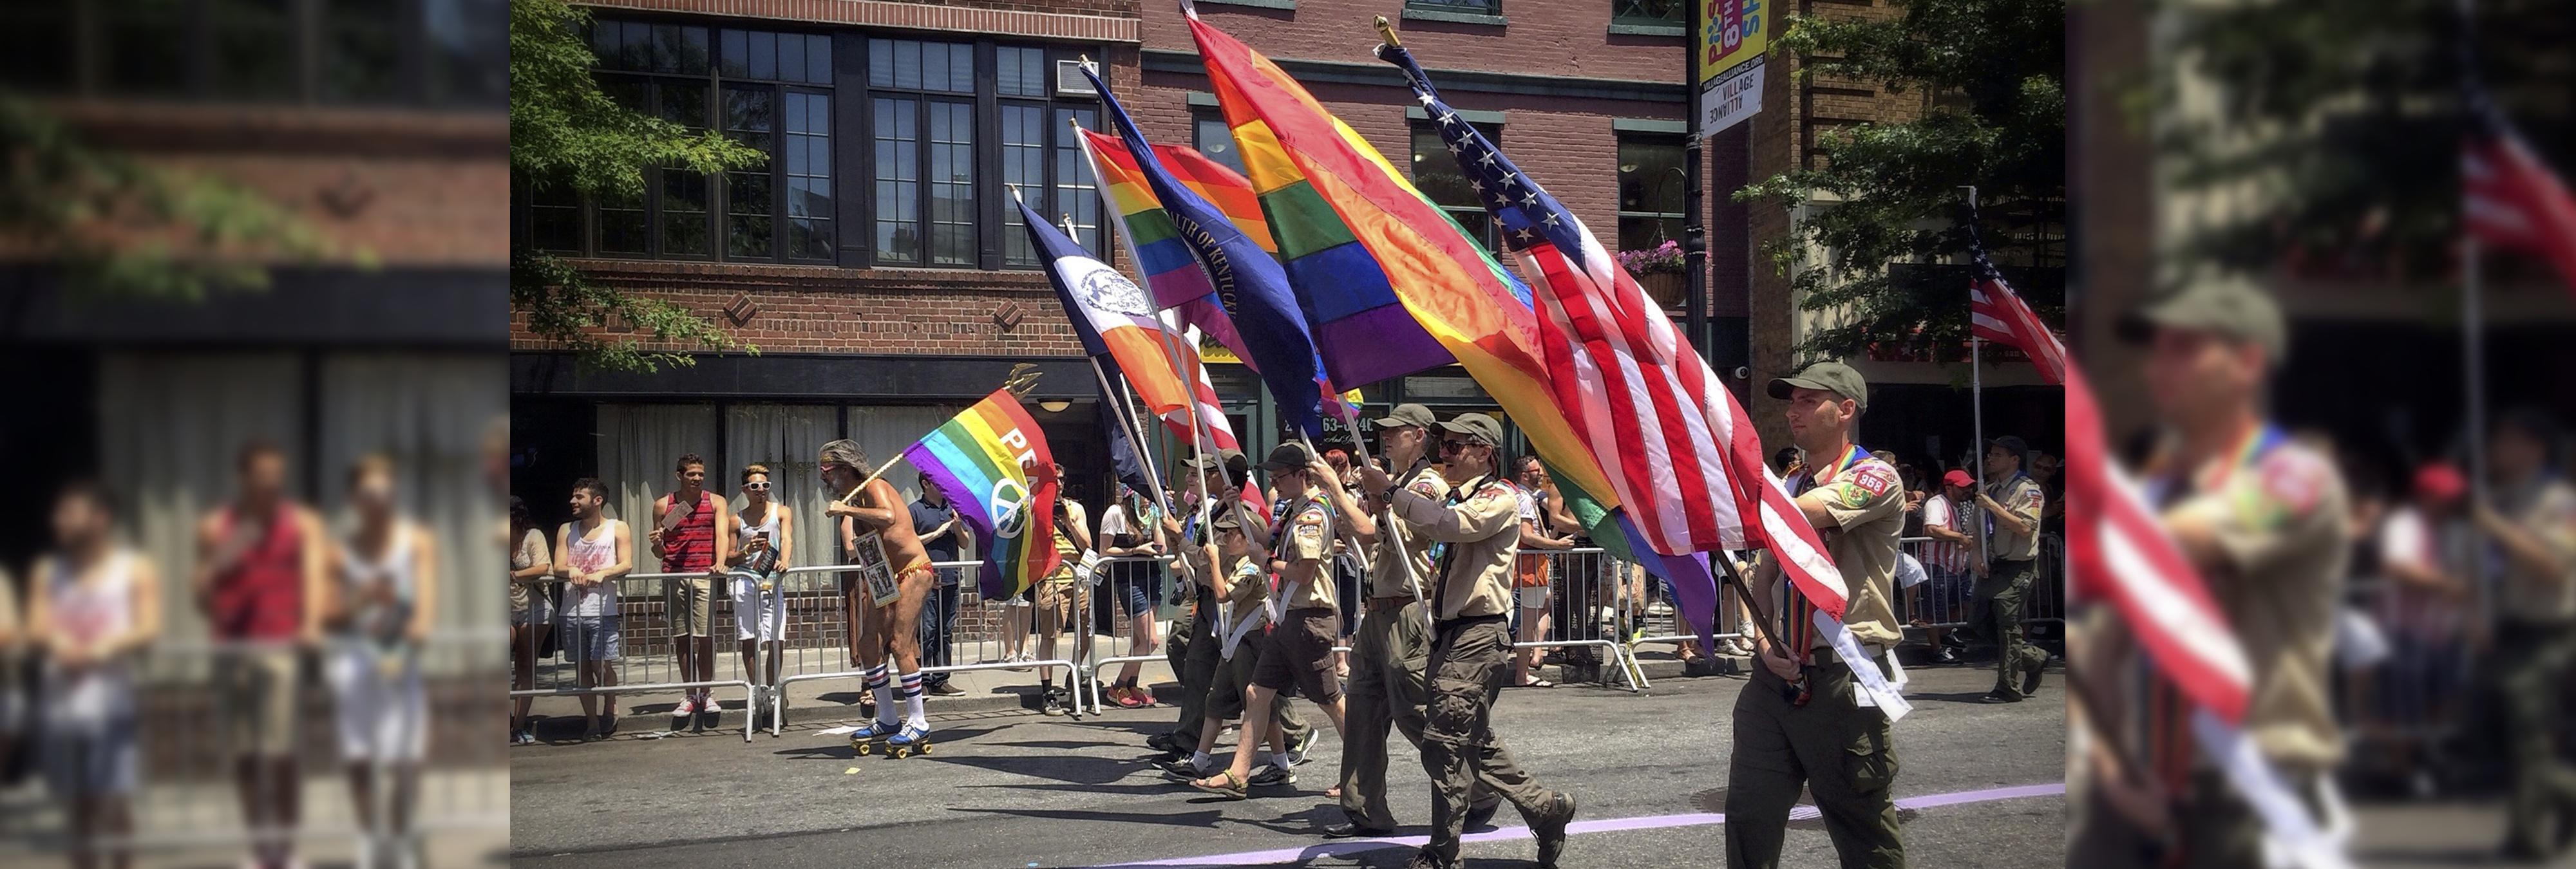 Los Boy Scouts de EE.UU. rectifican: los menores trans serán bienvenidos